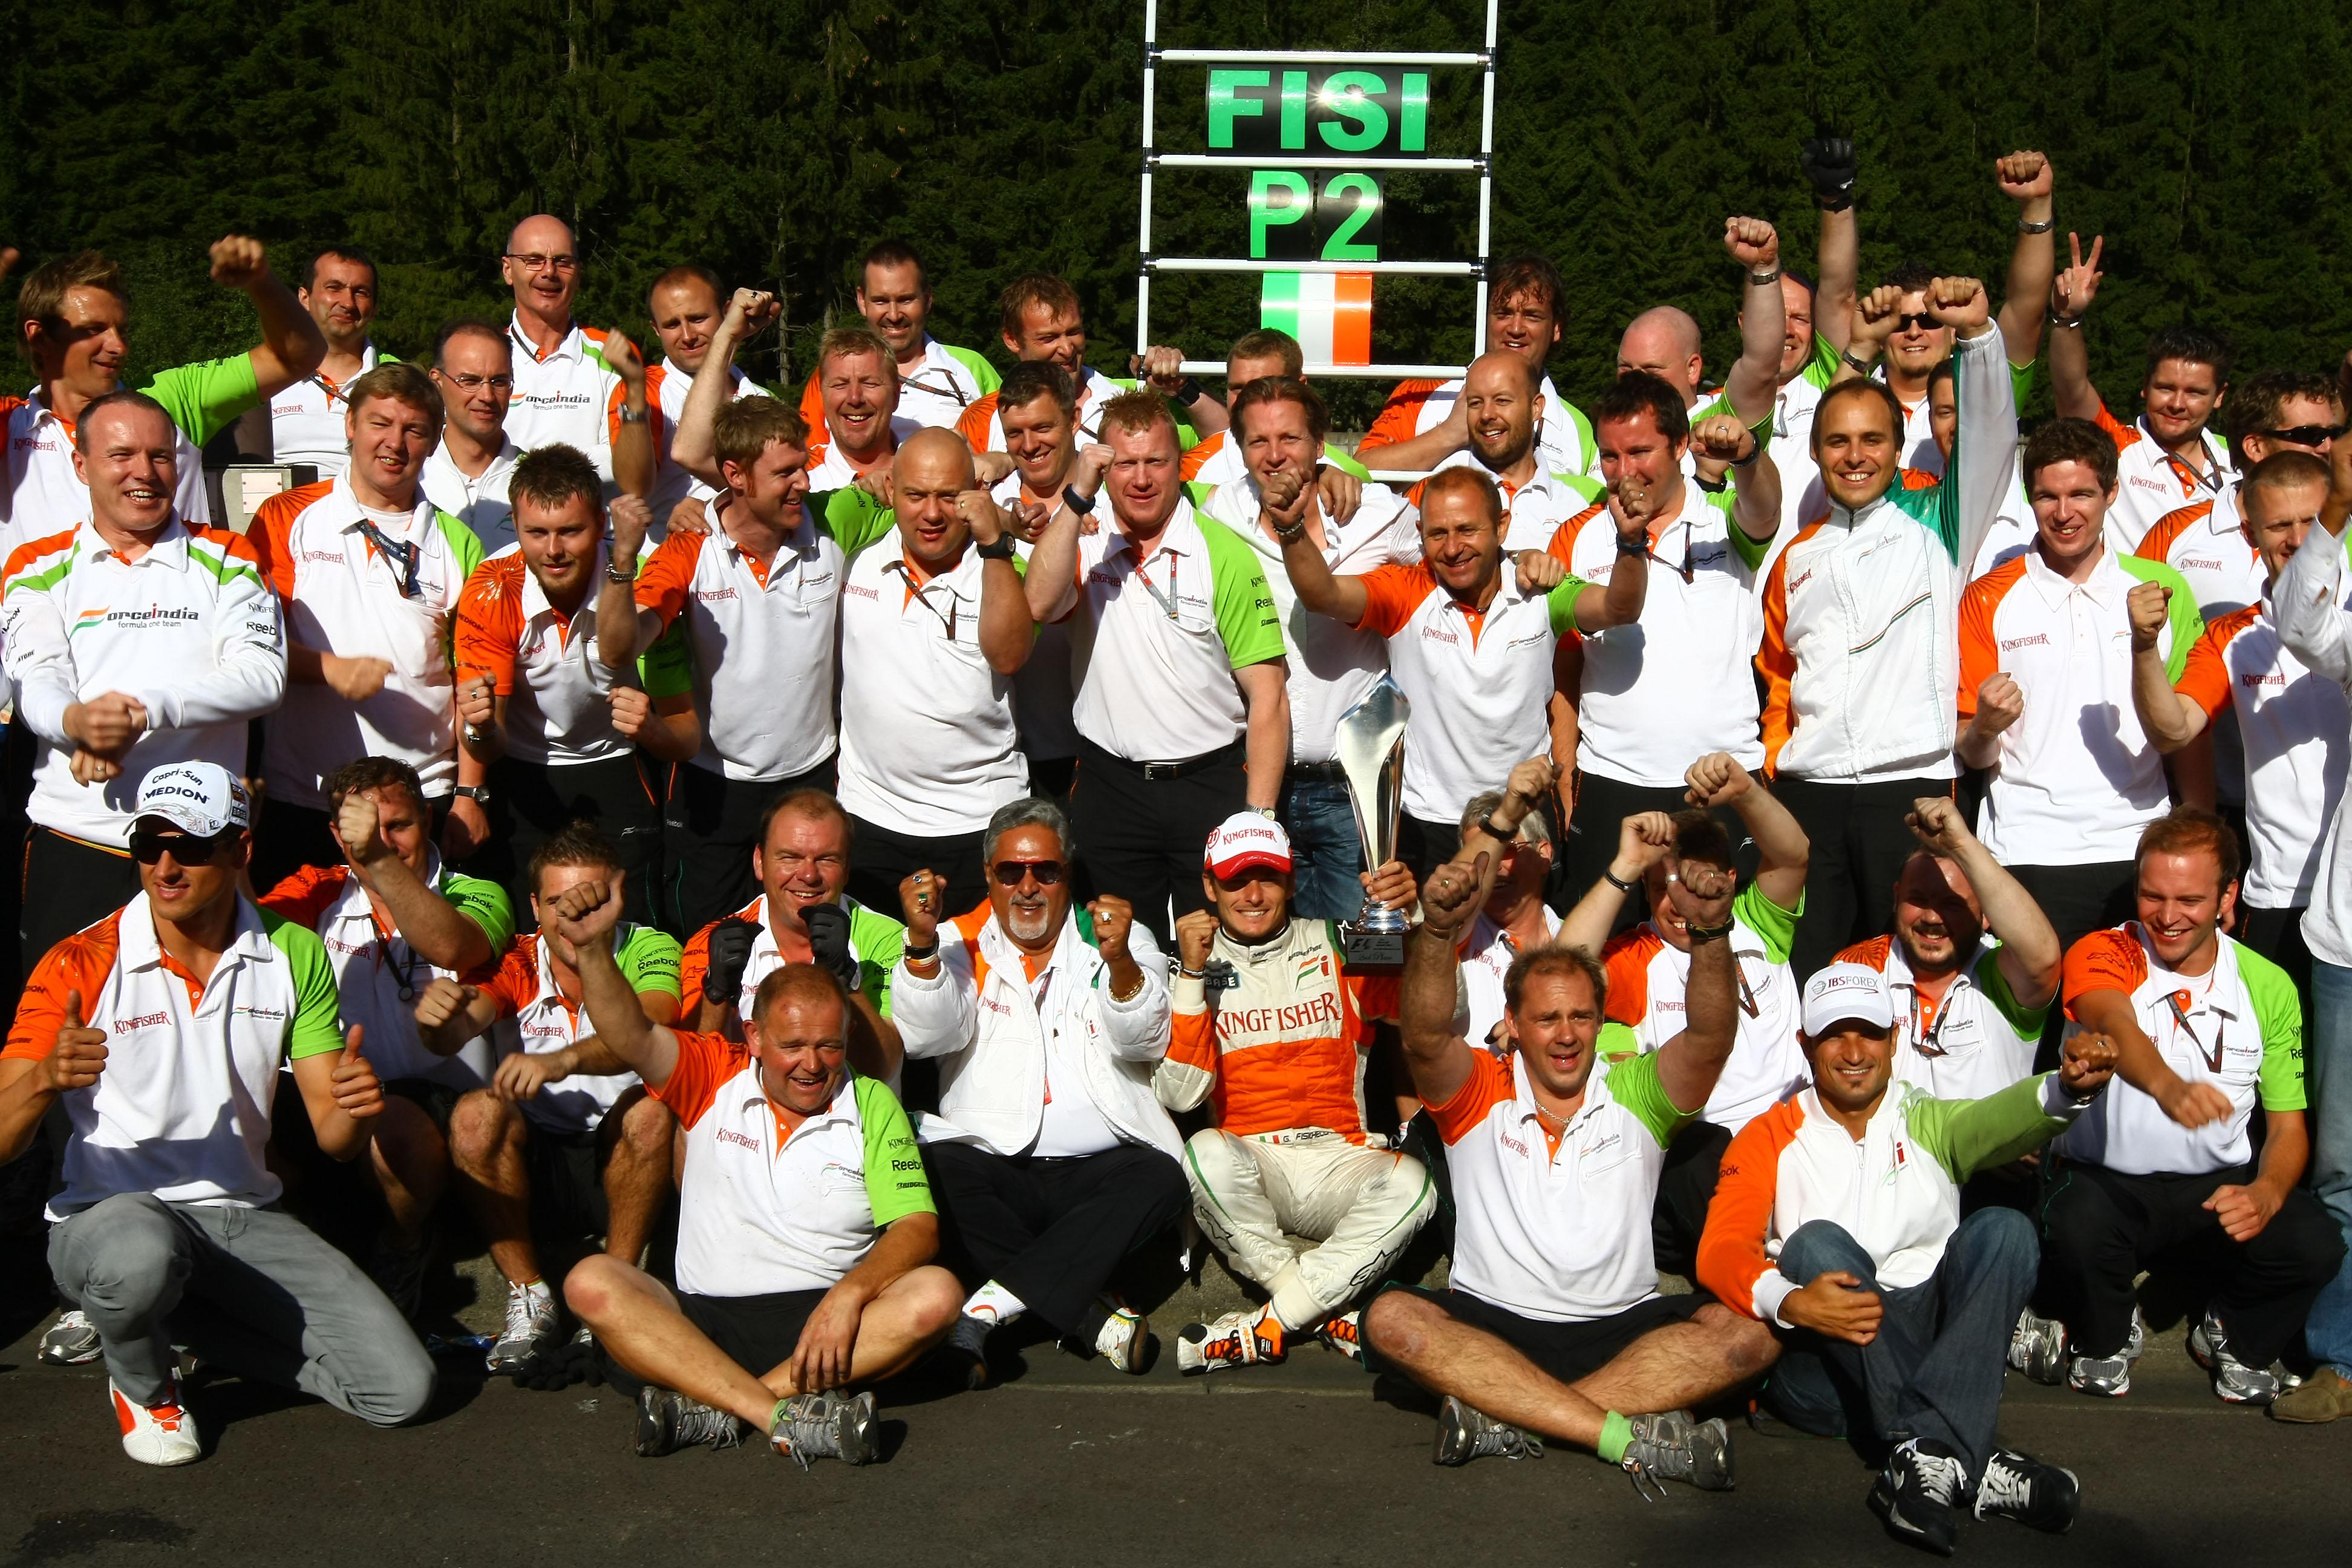 Formula 1 Grand Prix, Belgium, Sunday Podium